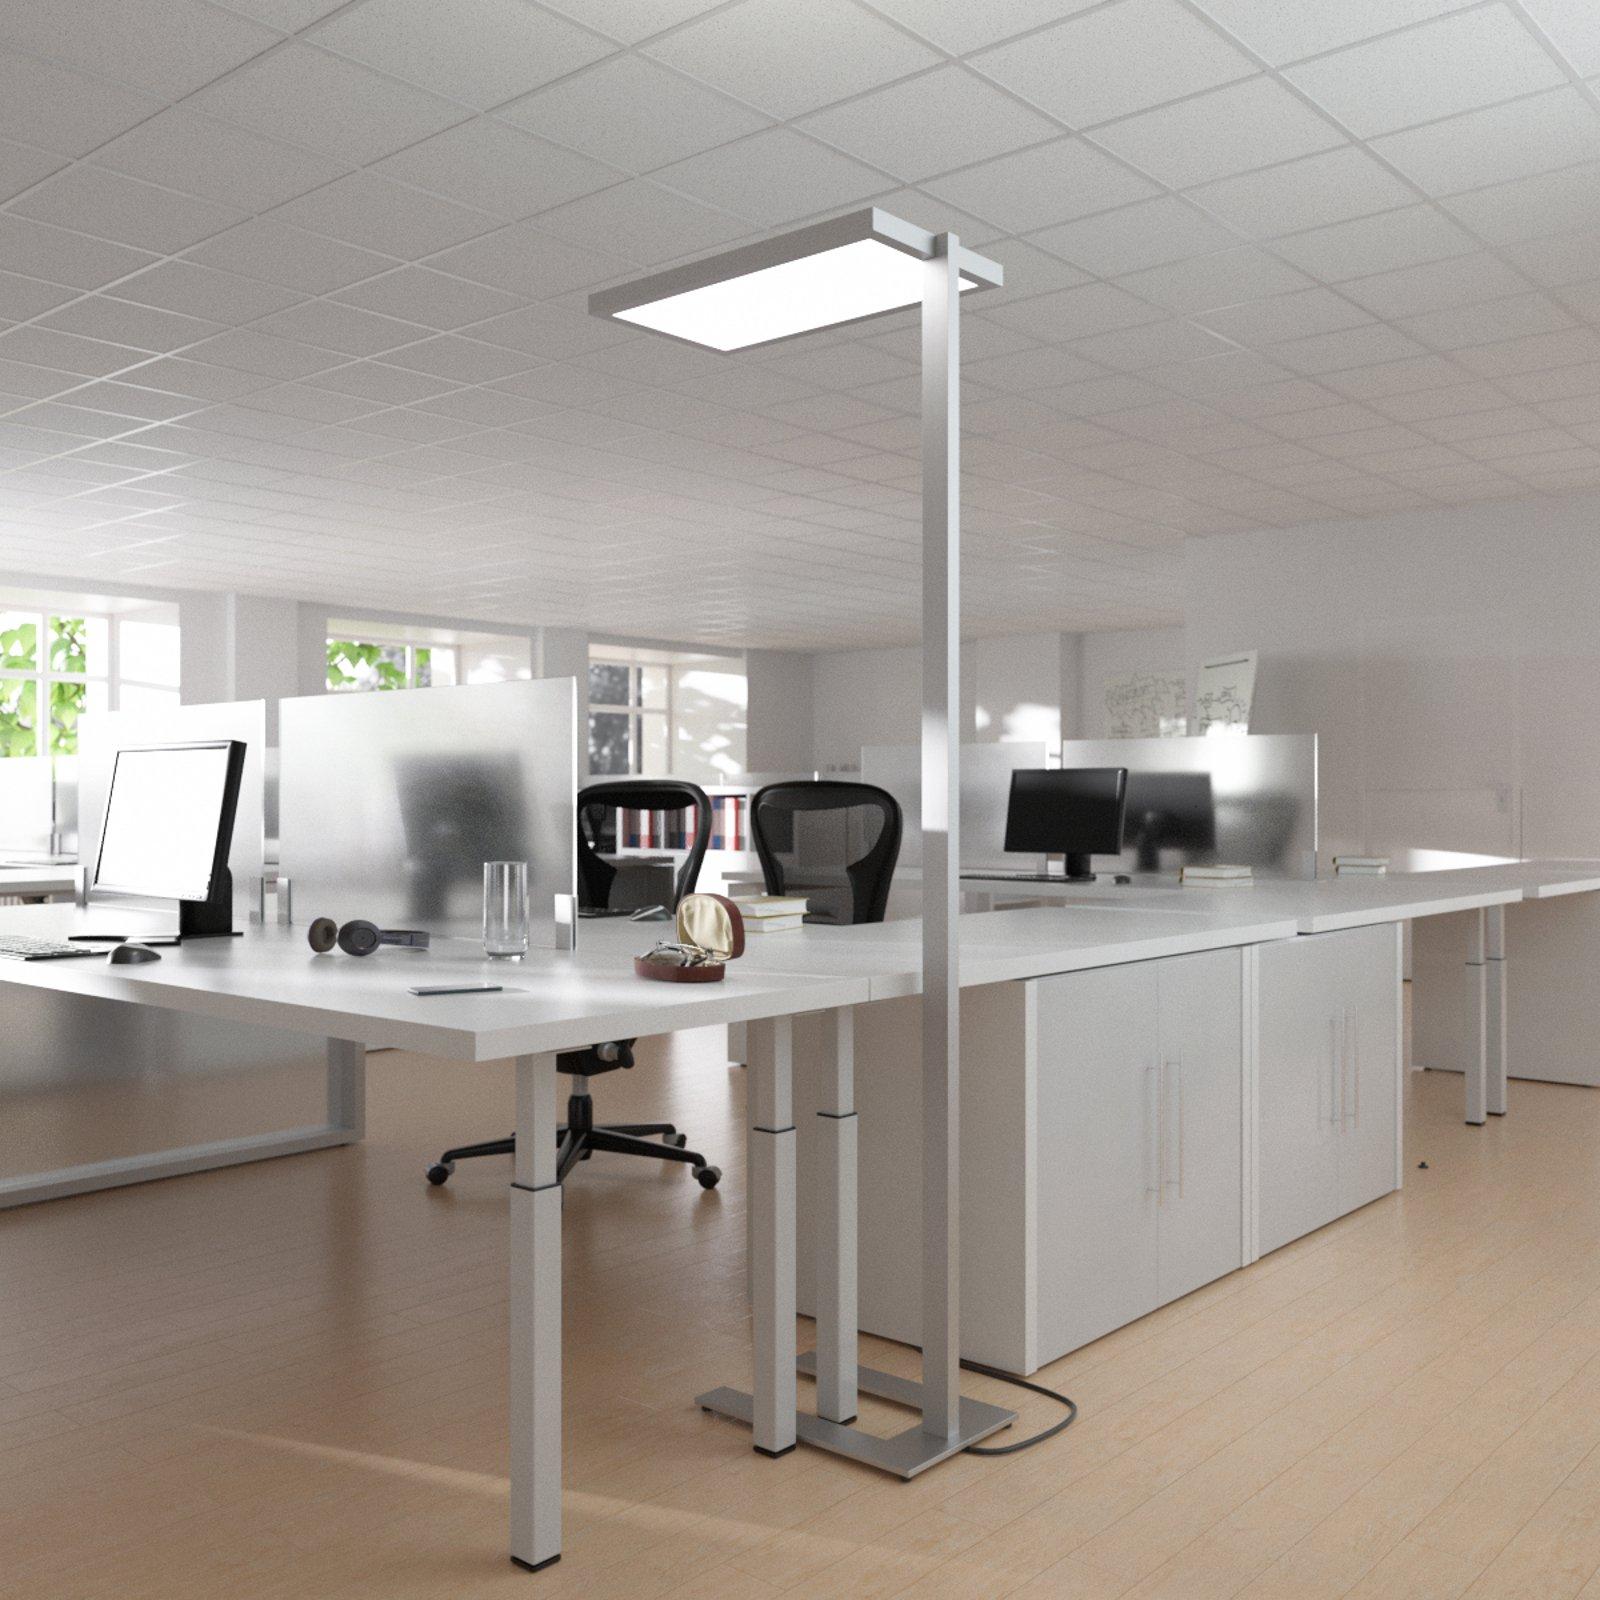 Gulvlampe Oli til kontoret, med LED-lys og dimmer